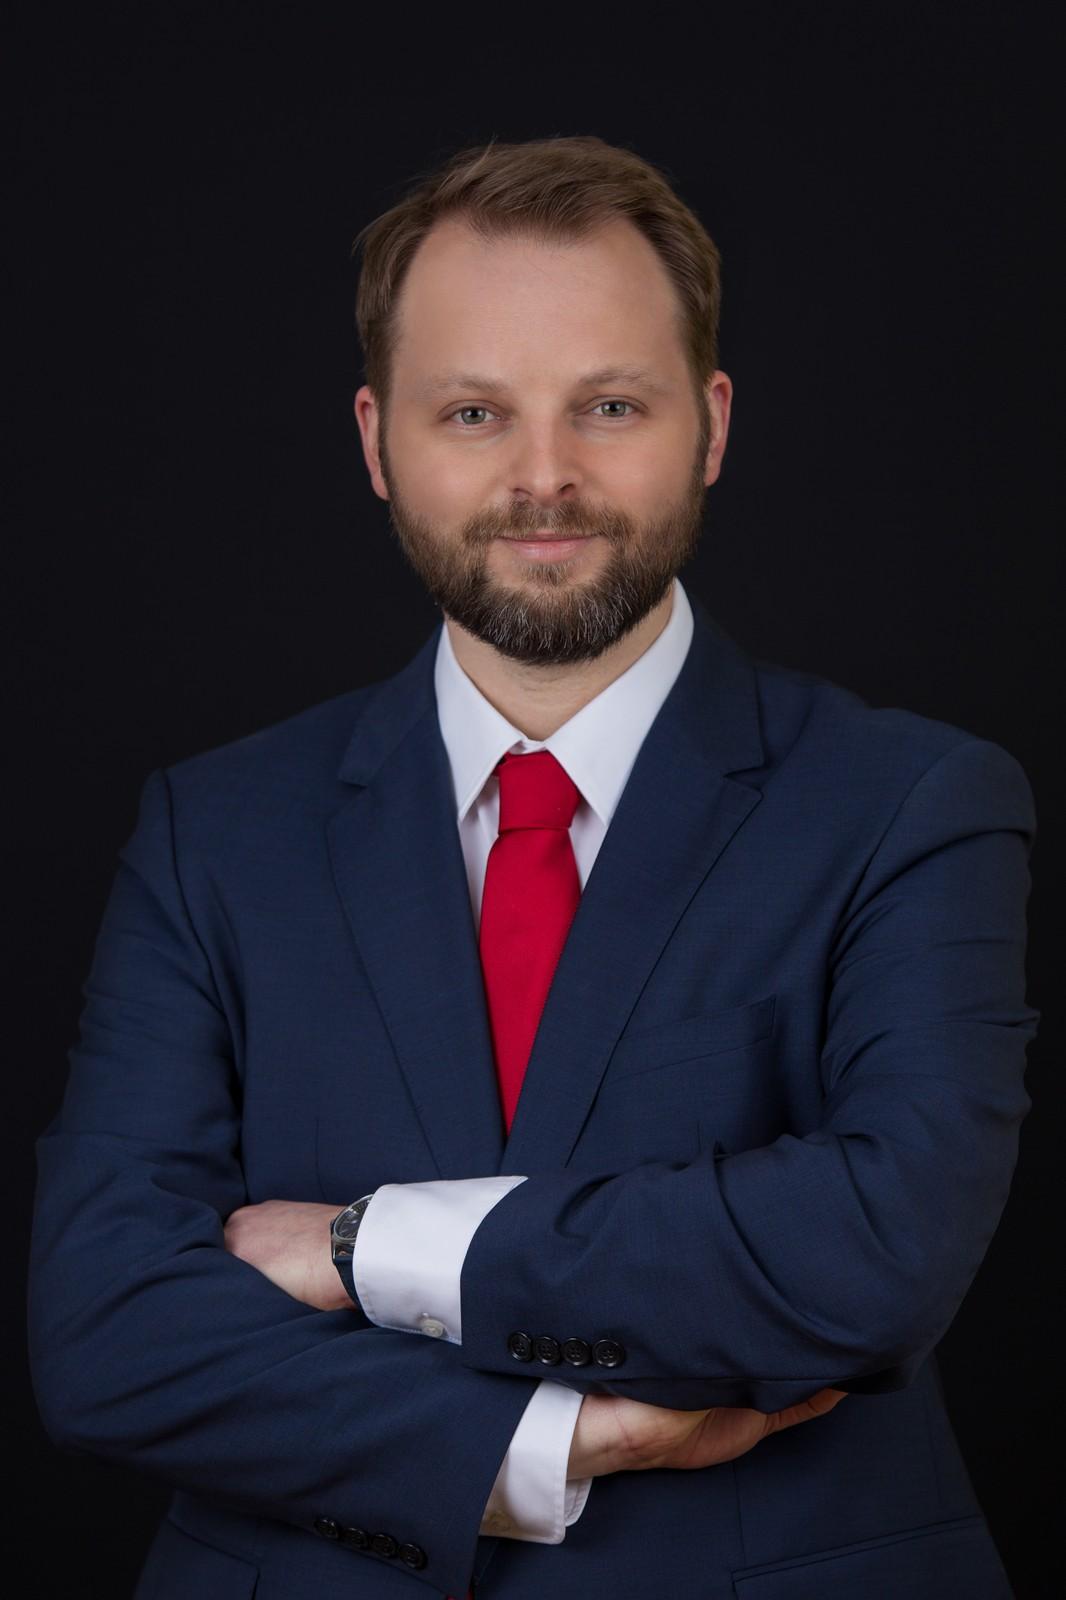 Andreas Janisch und seine Kollegen von Jactio.com wollen Firmen im deutschsprachigen Raum mit Herstellern in Osteuropa zusammenbringen.